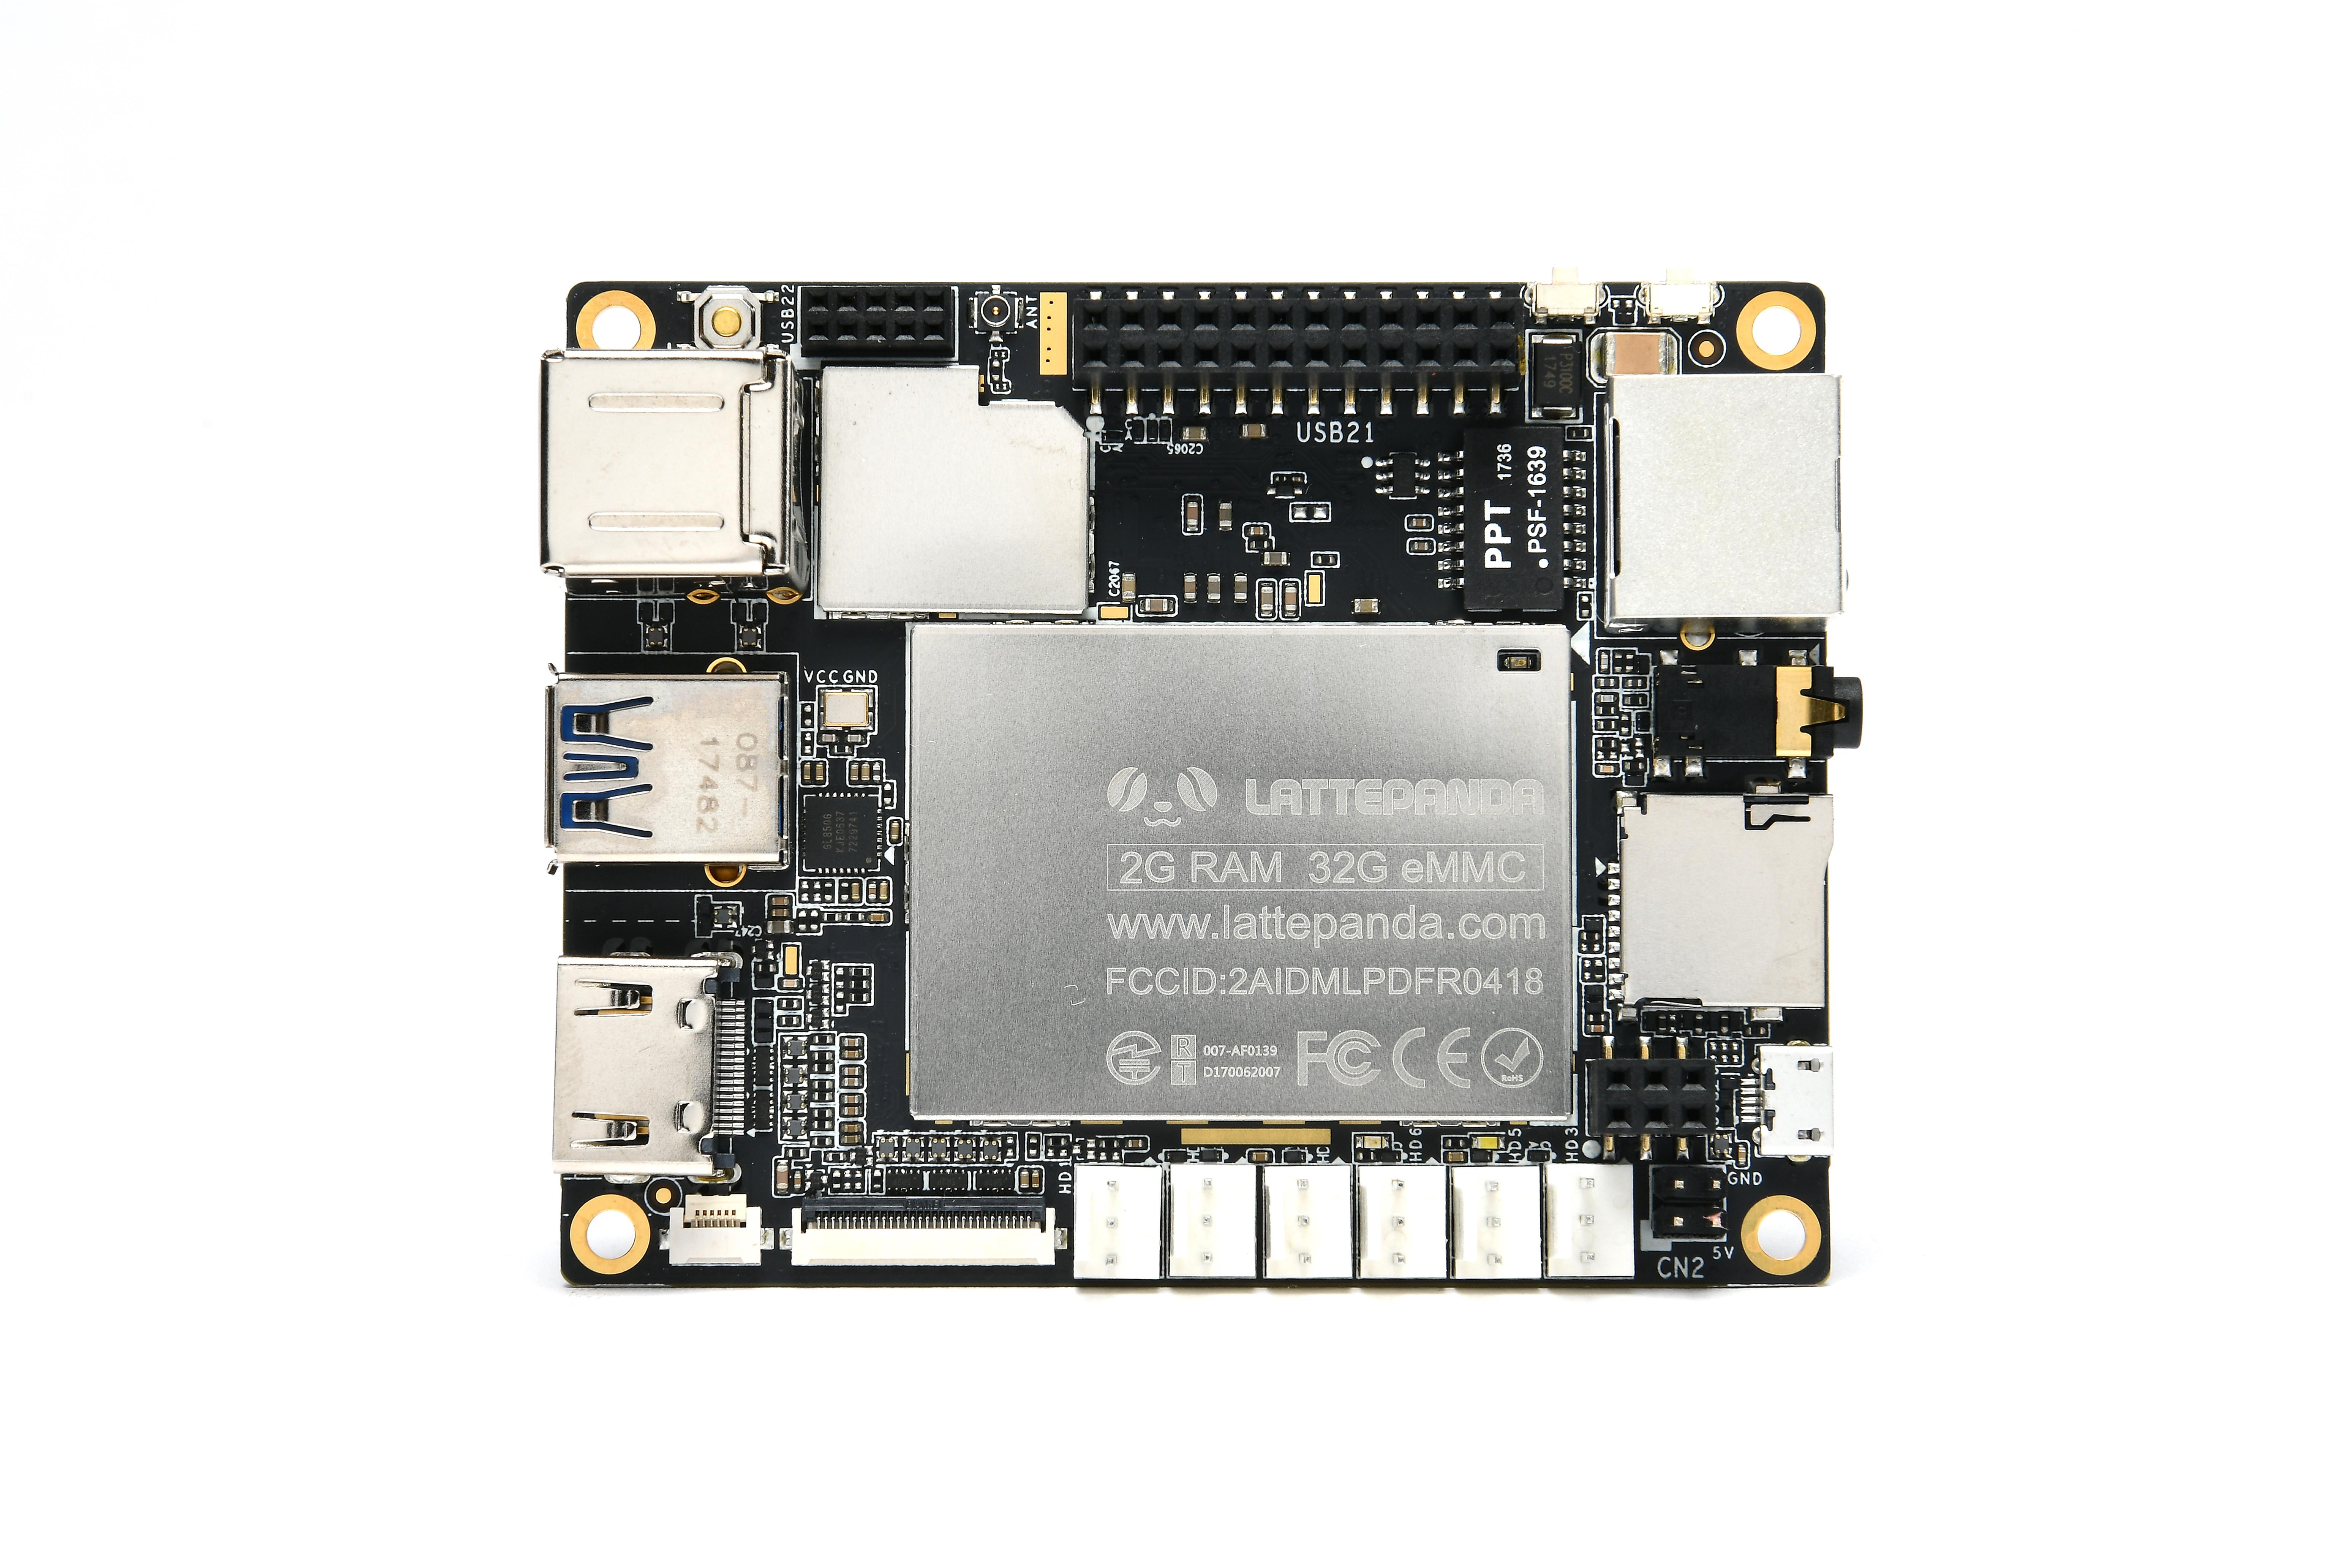 LattePanda 2 GB/32 GB-computer met licentie